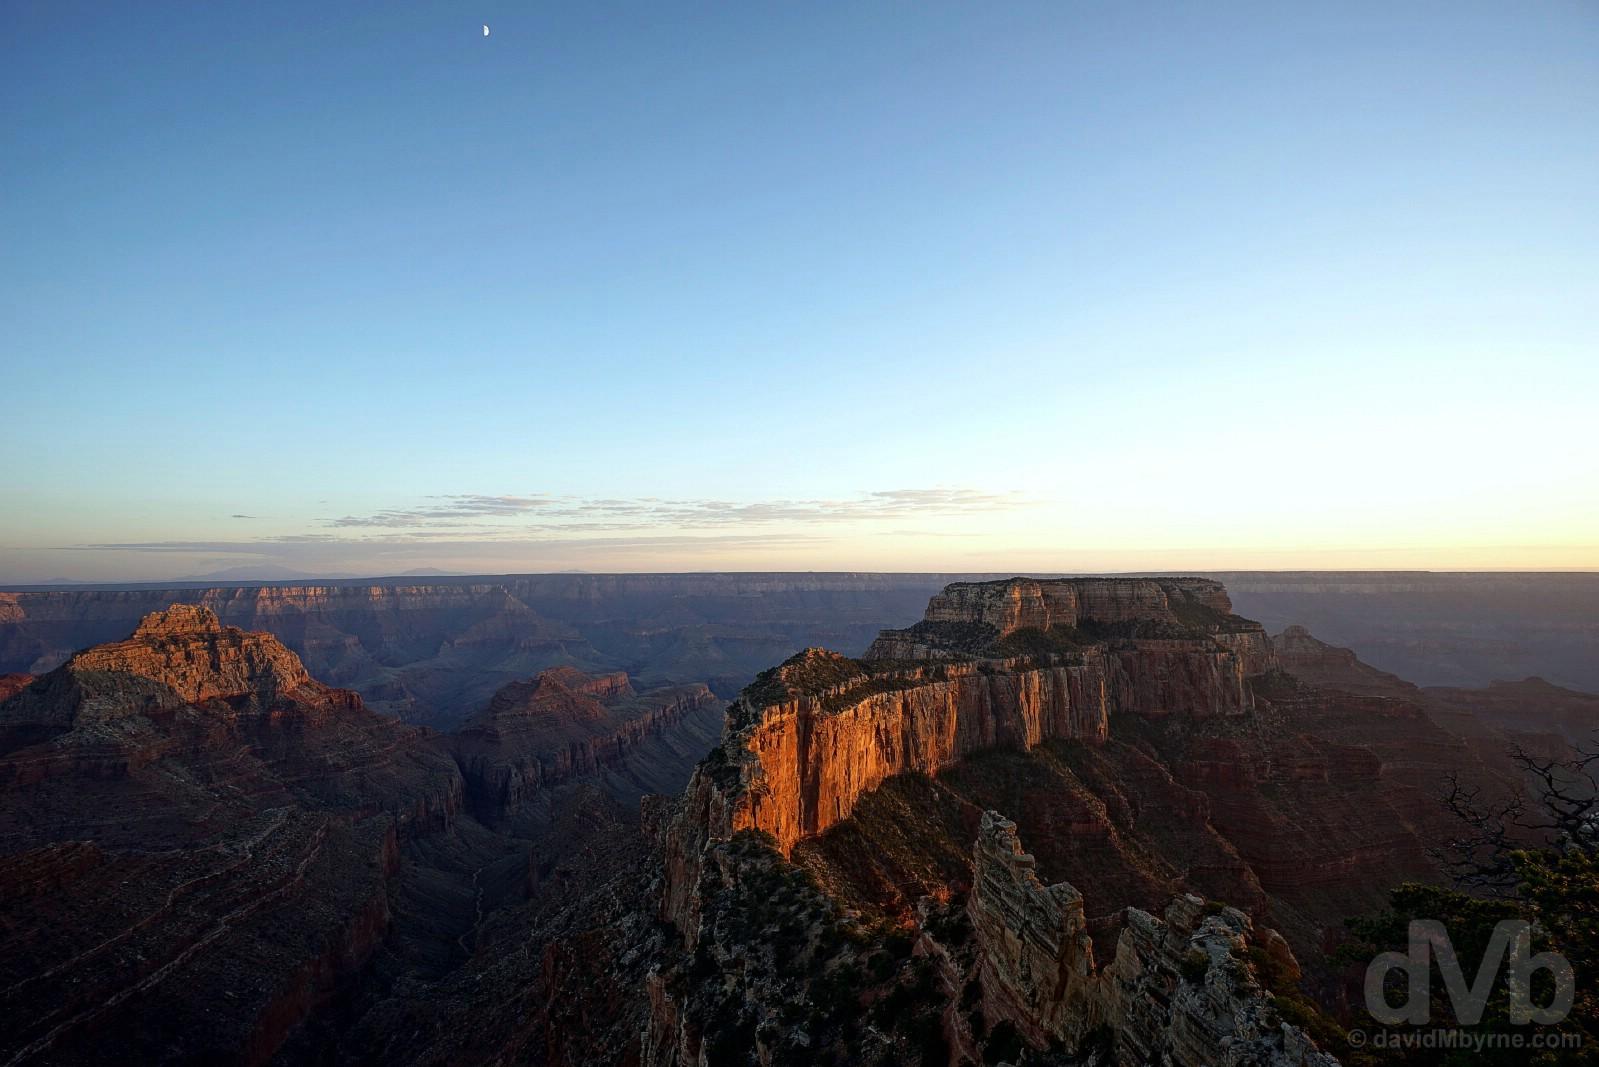 Epic Road Trip Southwest - Destination & Insights